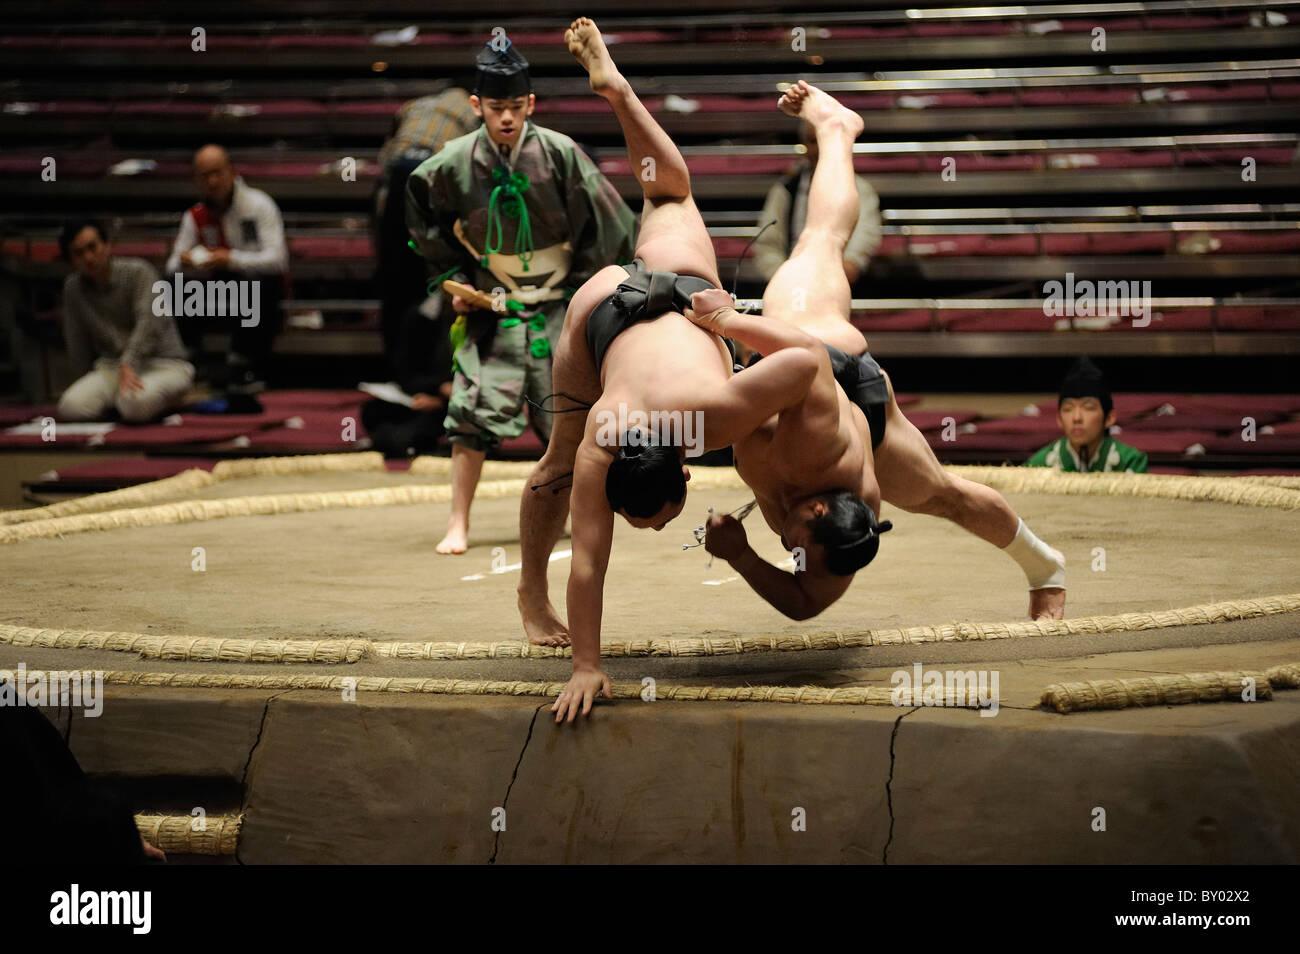 Lottatori di Sumo di cadere fuori dal ring, Grandi Campionati di Sumo maggio 2010, Ryogoku Kokugikan, Tokyo, Giappone Immagini Stock